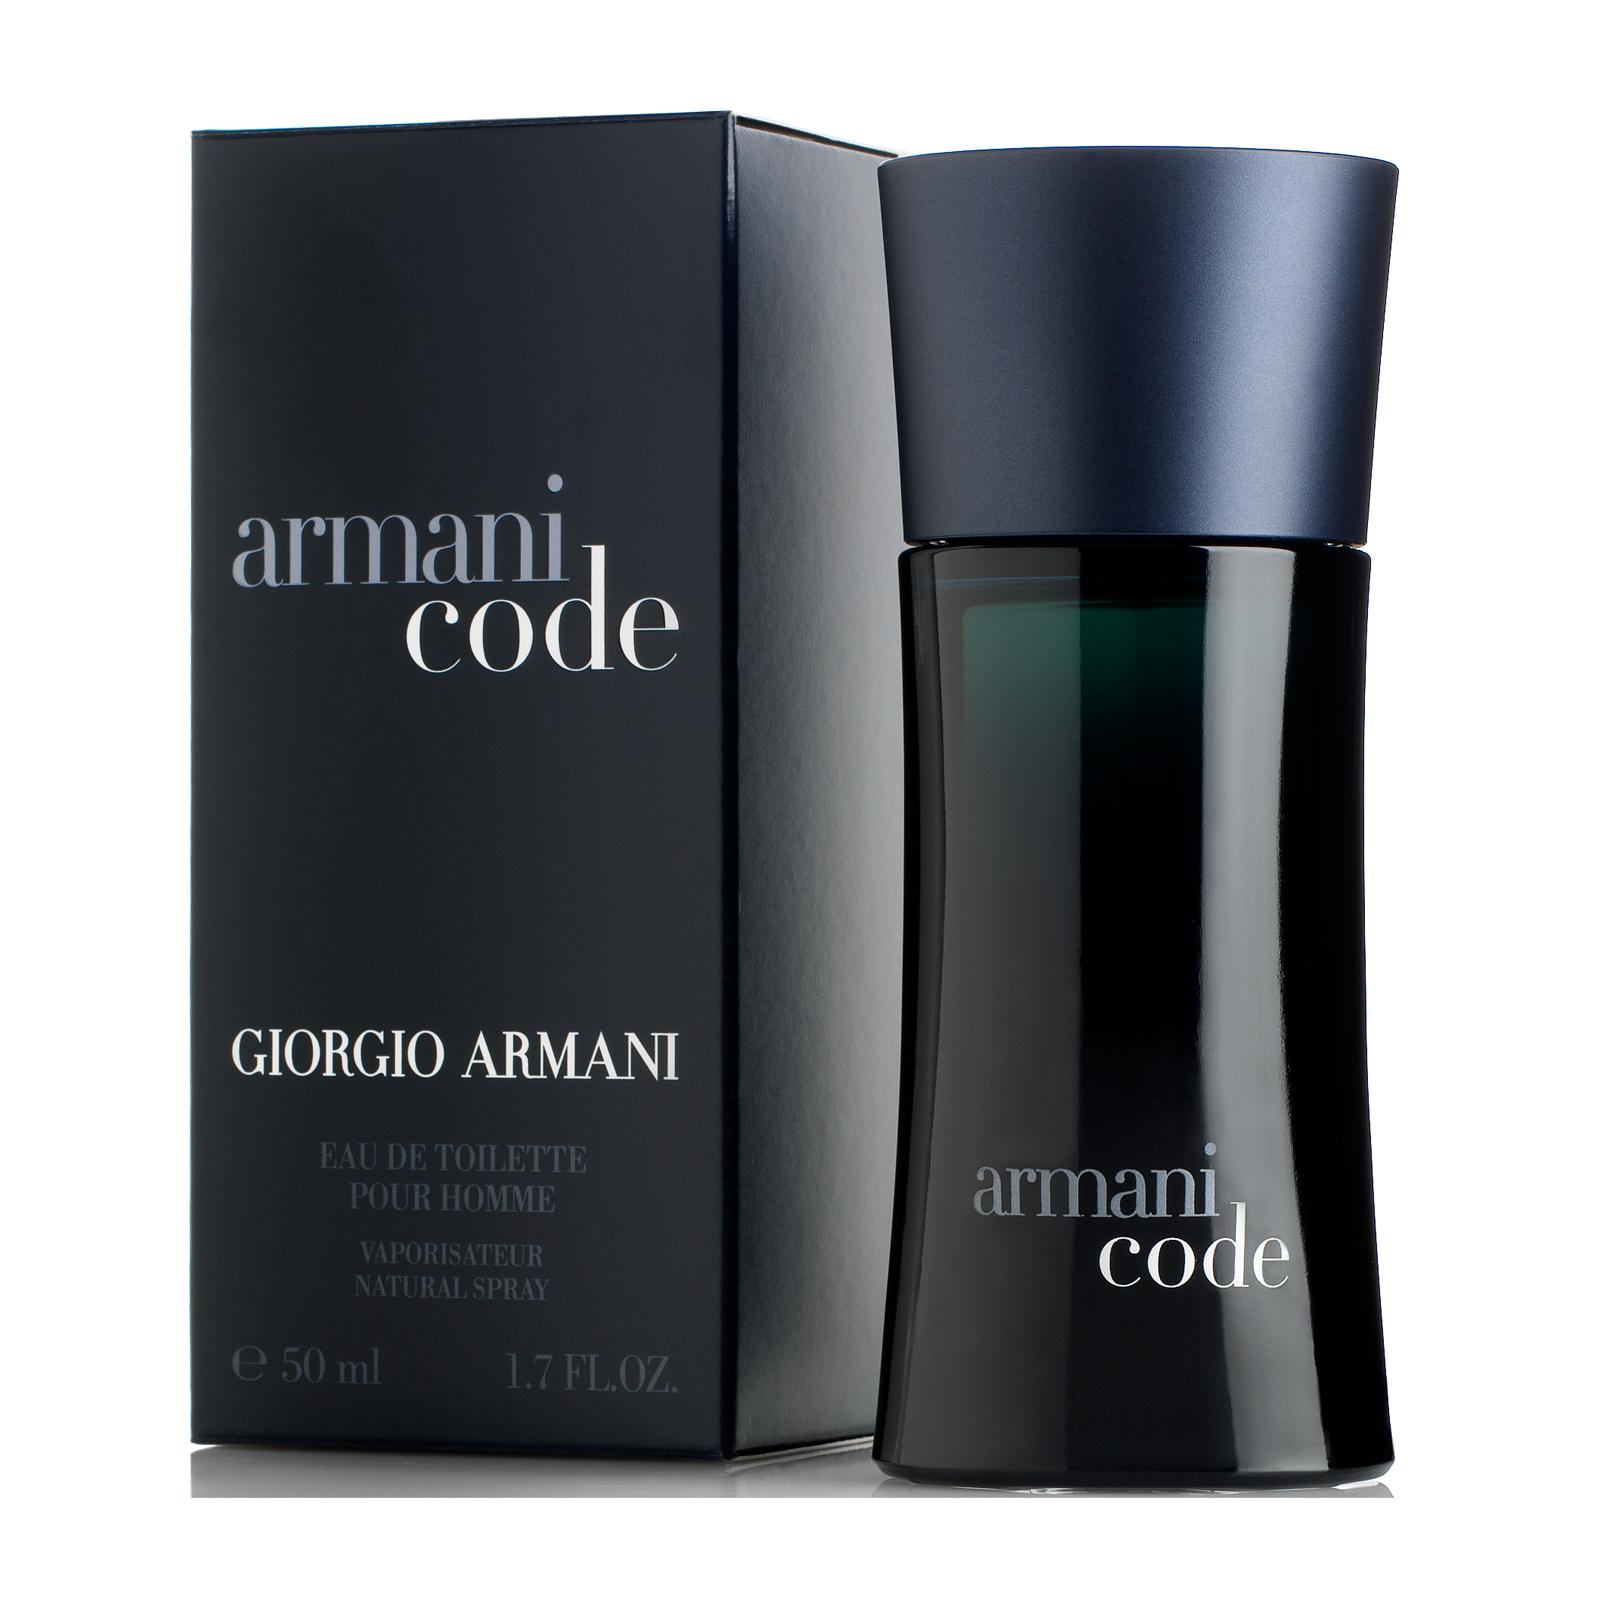 Perfume-Armani-Code-Giorgio-Armani-50ml